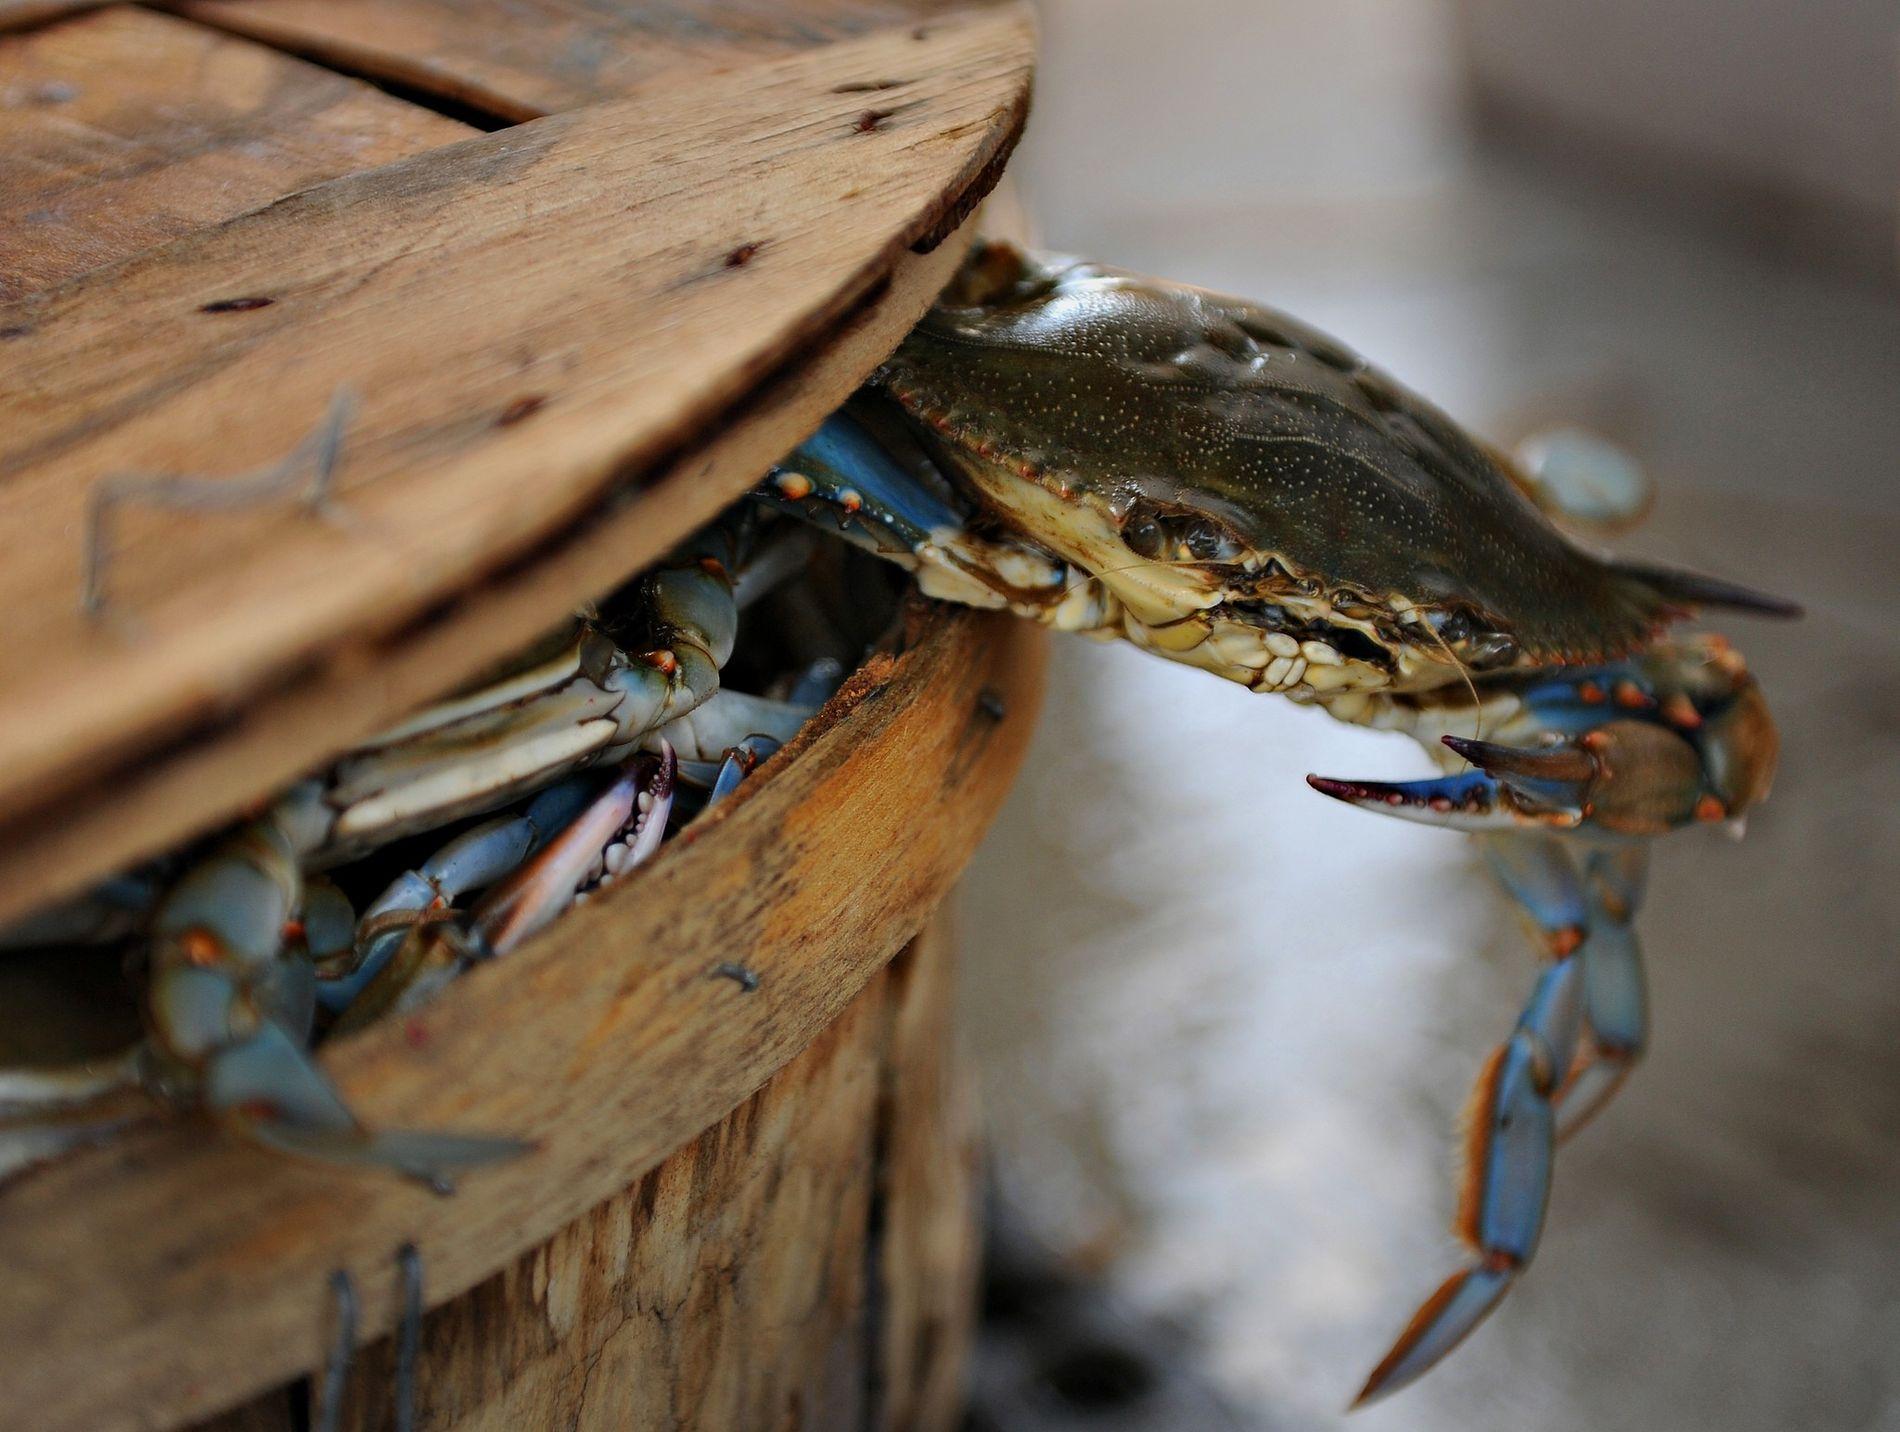 Un crabe bleu du Maryland essayant de s'enfuir.